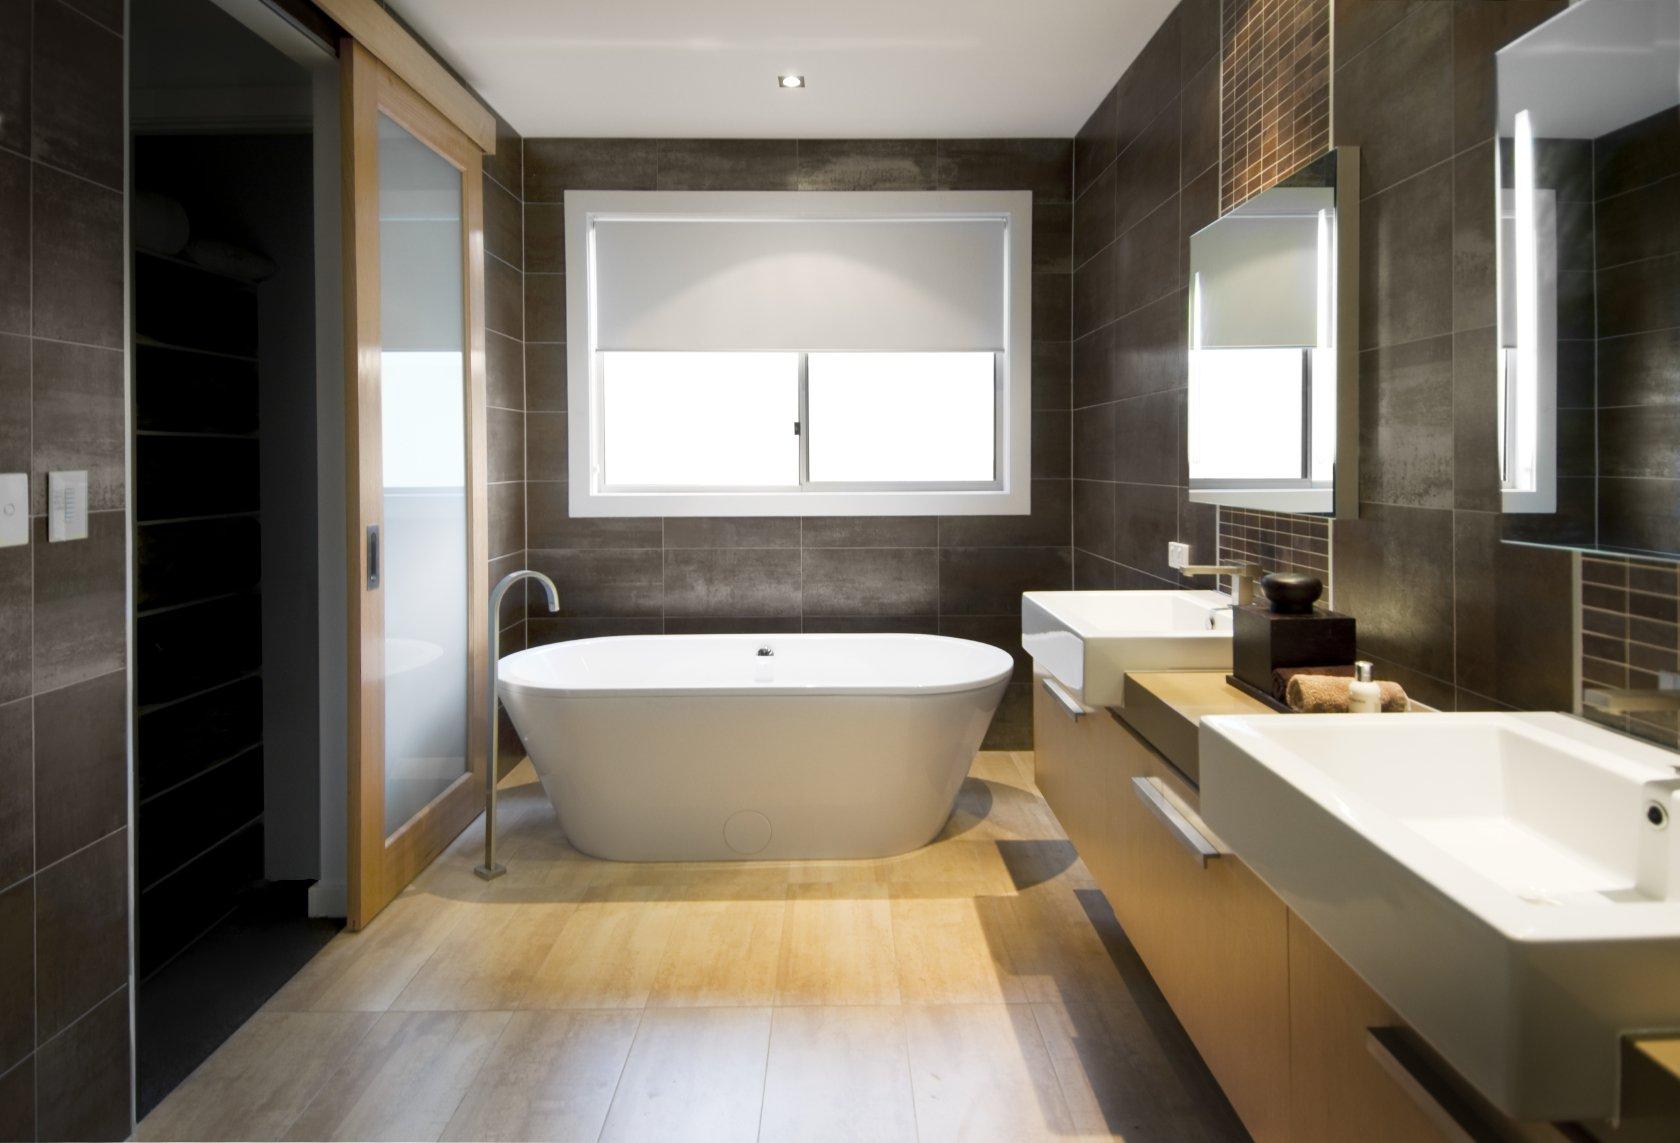 heizung bad und sanit r hubacher ihr fachbetrieb in k ln. Black Bedroom Furniture Sets. Home Design Ideas